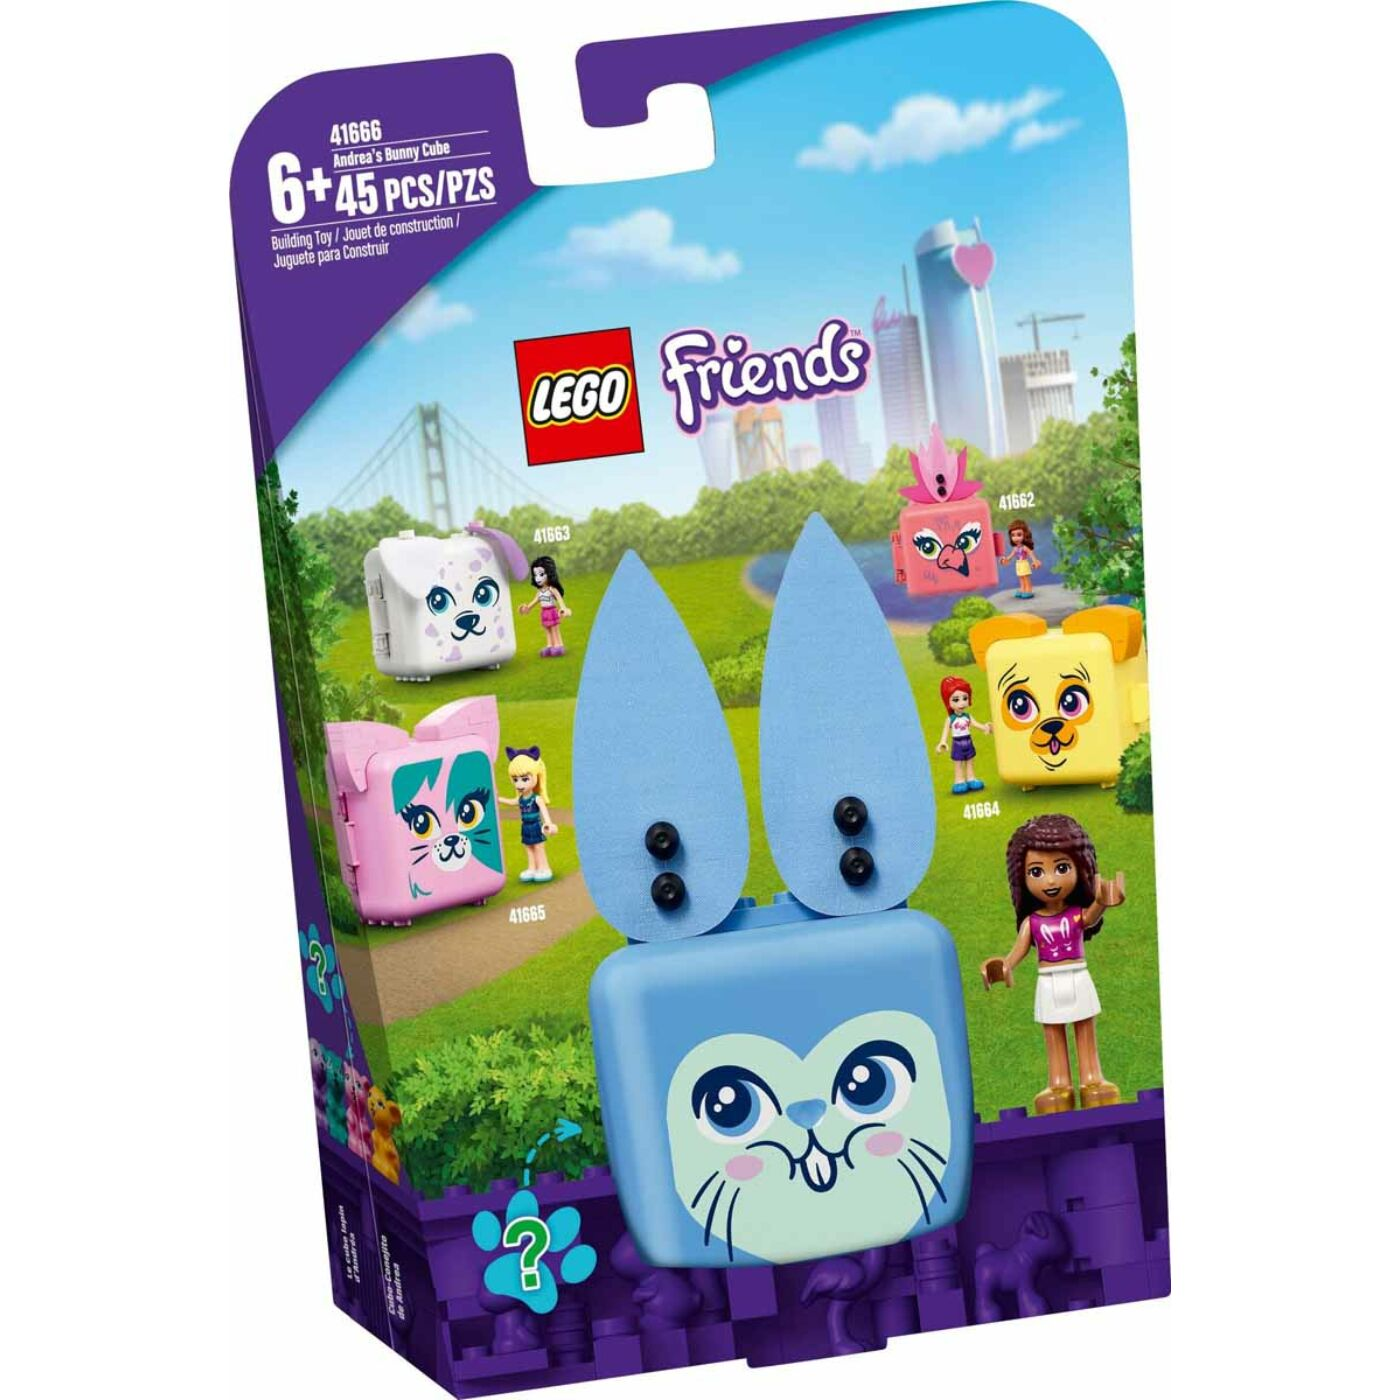 Lego Friends Andrea nyuszis dobozkája